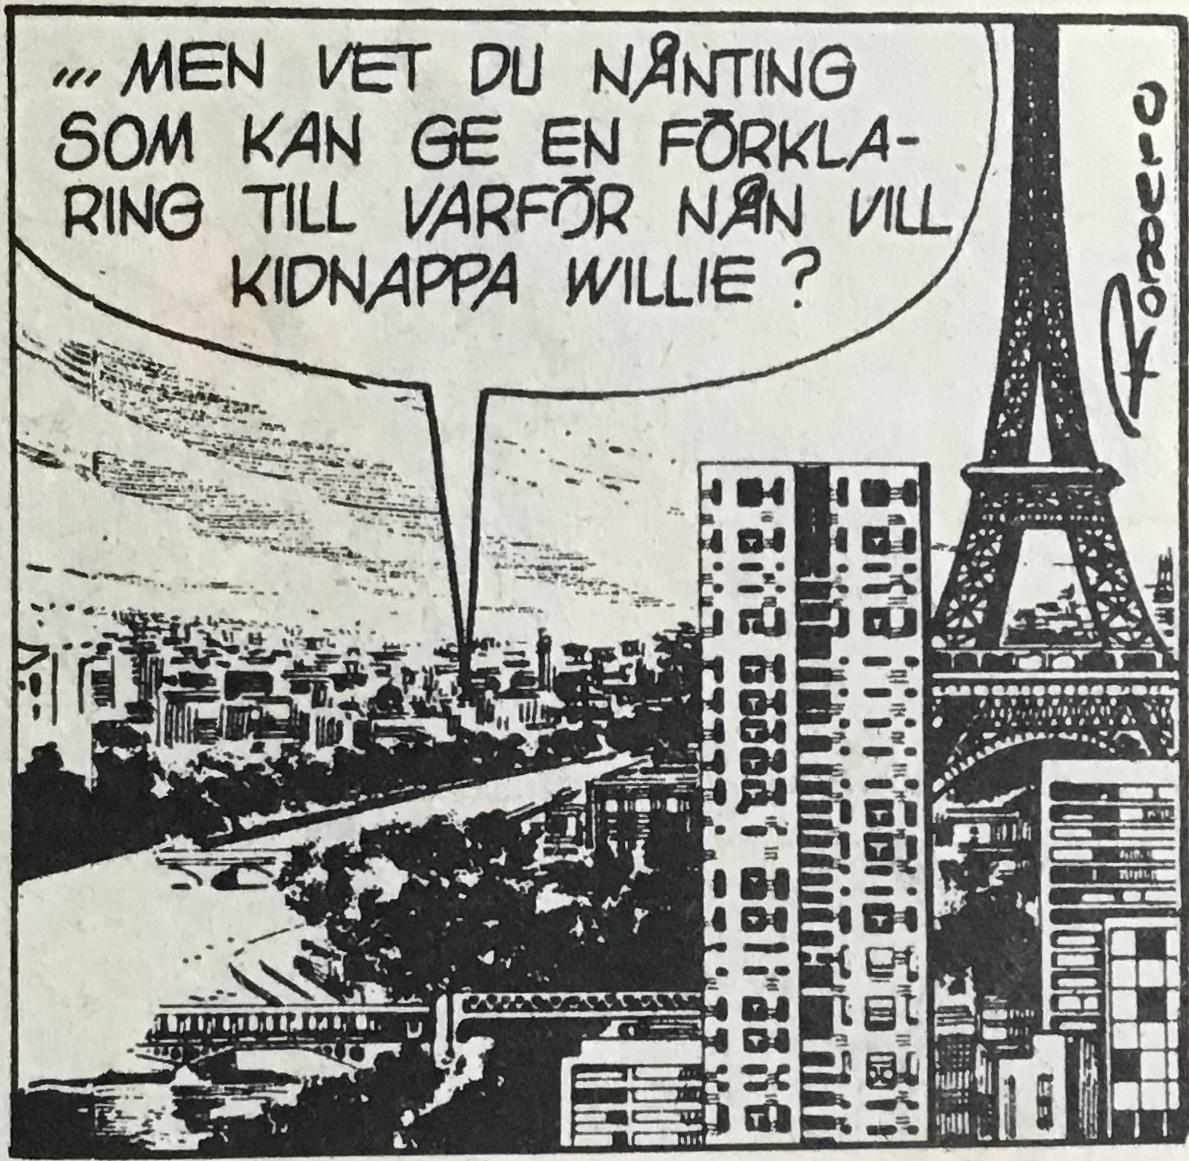 Redigering i serietidningar har gjort att bilden förlängts åt vänster, och fyllts ut, men inte broarna som upphör mitt i floden